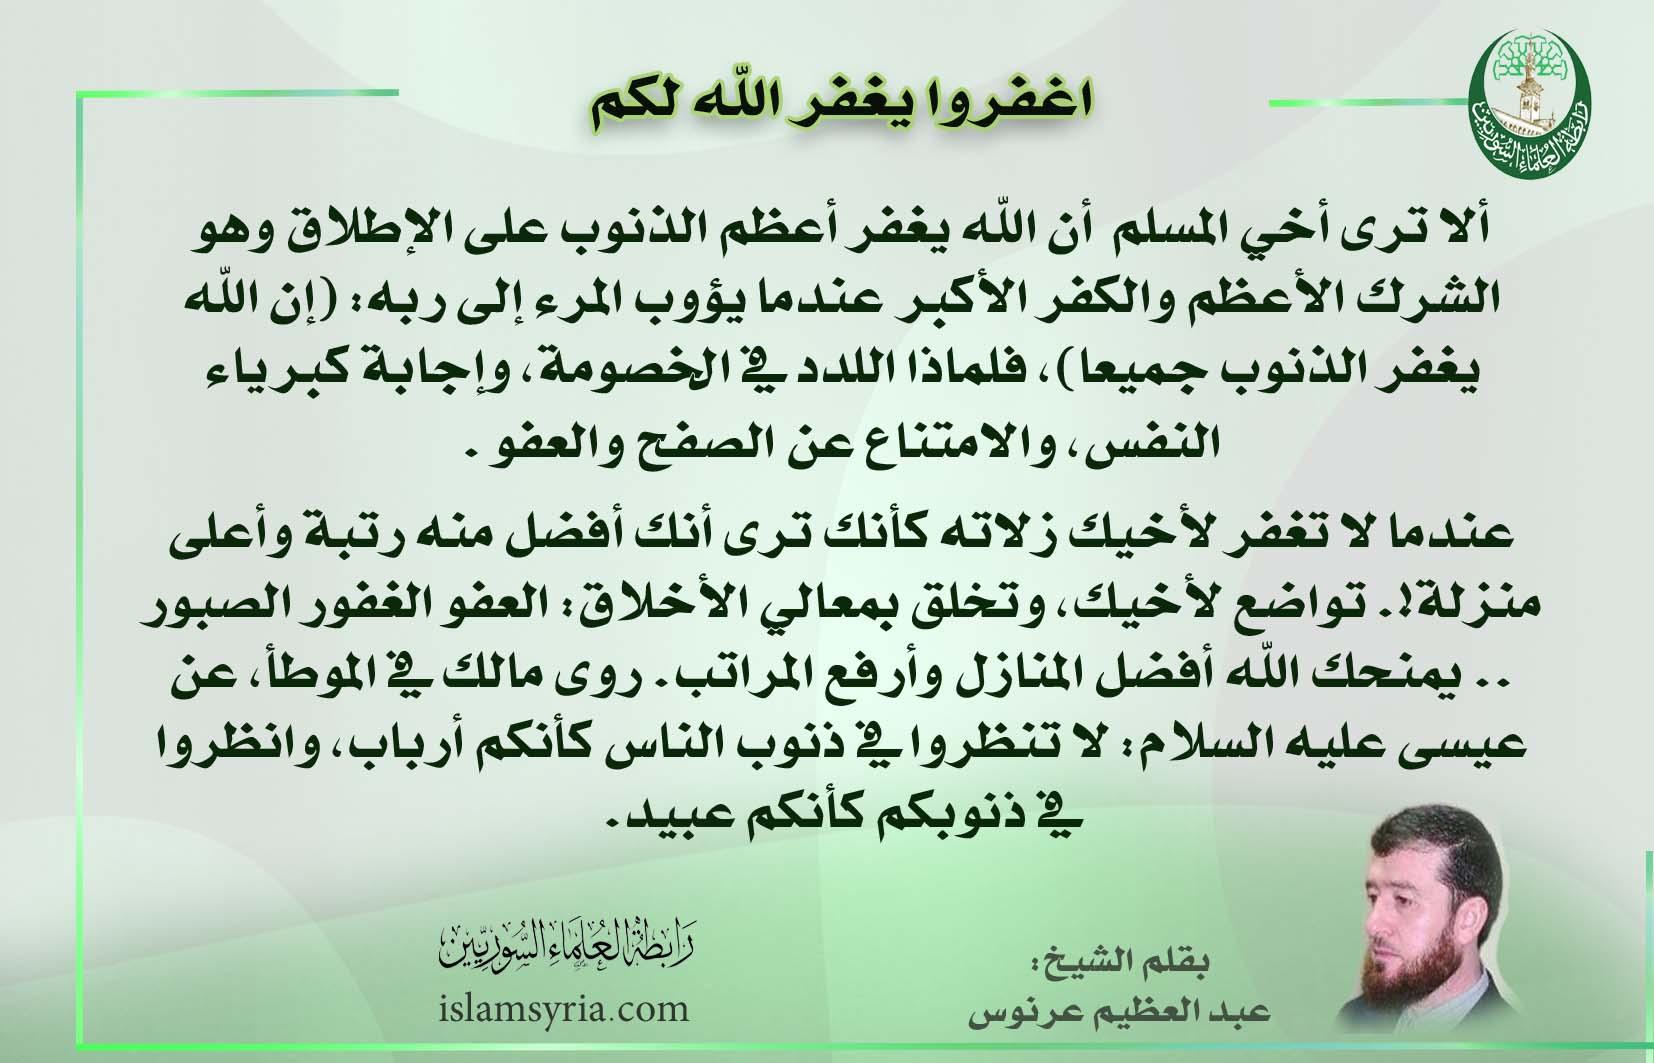 اغفروا يغفر الله لكم||الشيخ عبد العظيم عرنوس